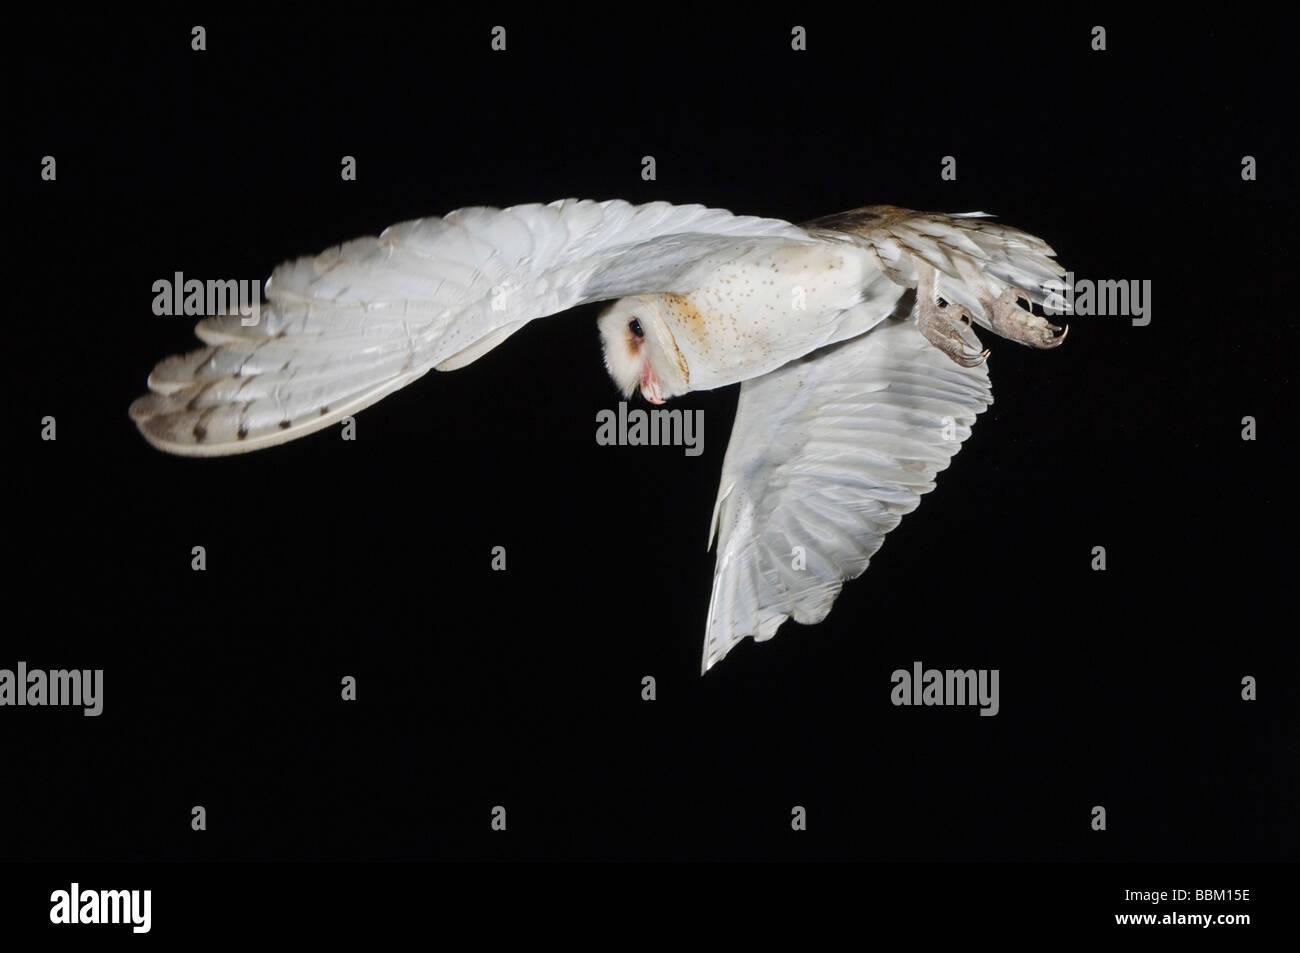 Lechuza Tyto alba para Adultos del Condado de Willacy Valle Río Grande, Texas, EE.UU. Mayo de 2007 Imagen De Stock